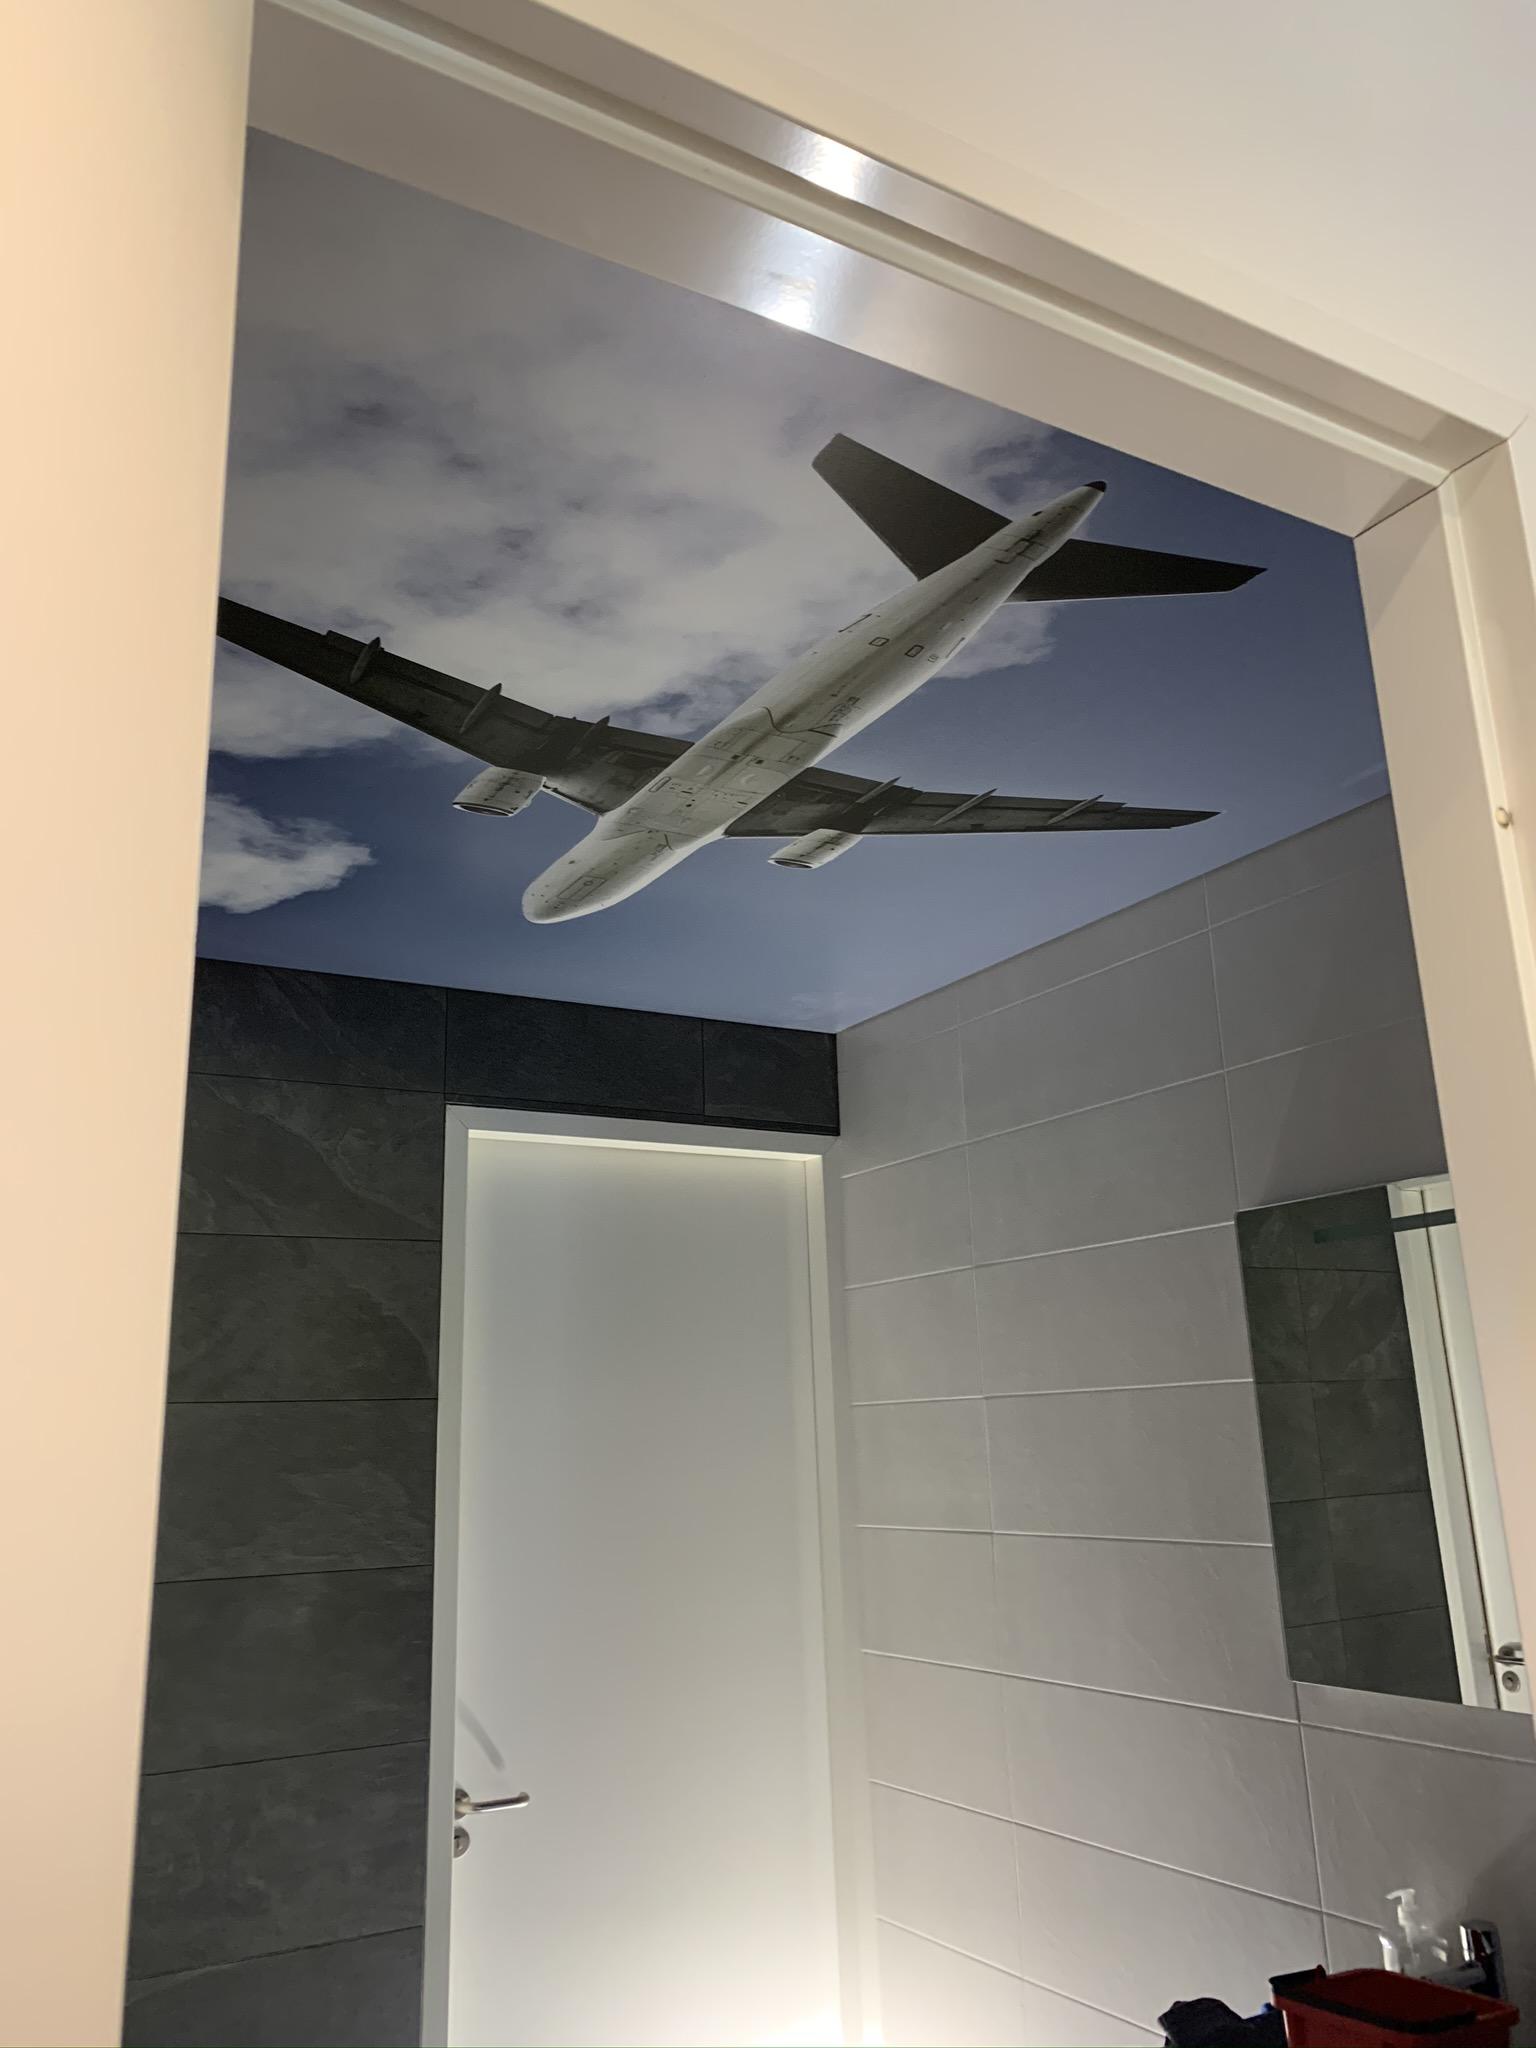 lichtprint motief in spanplafond